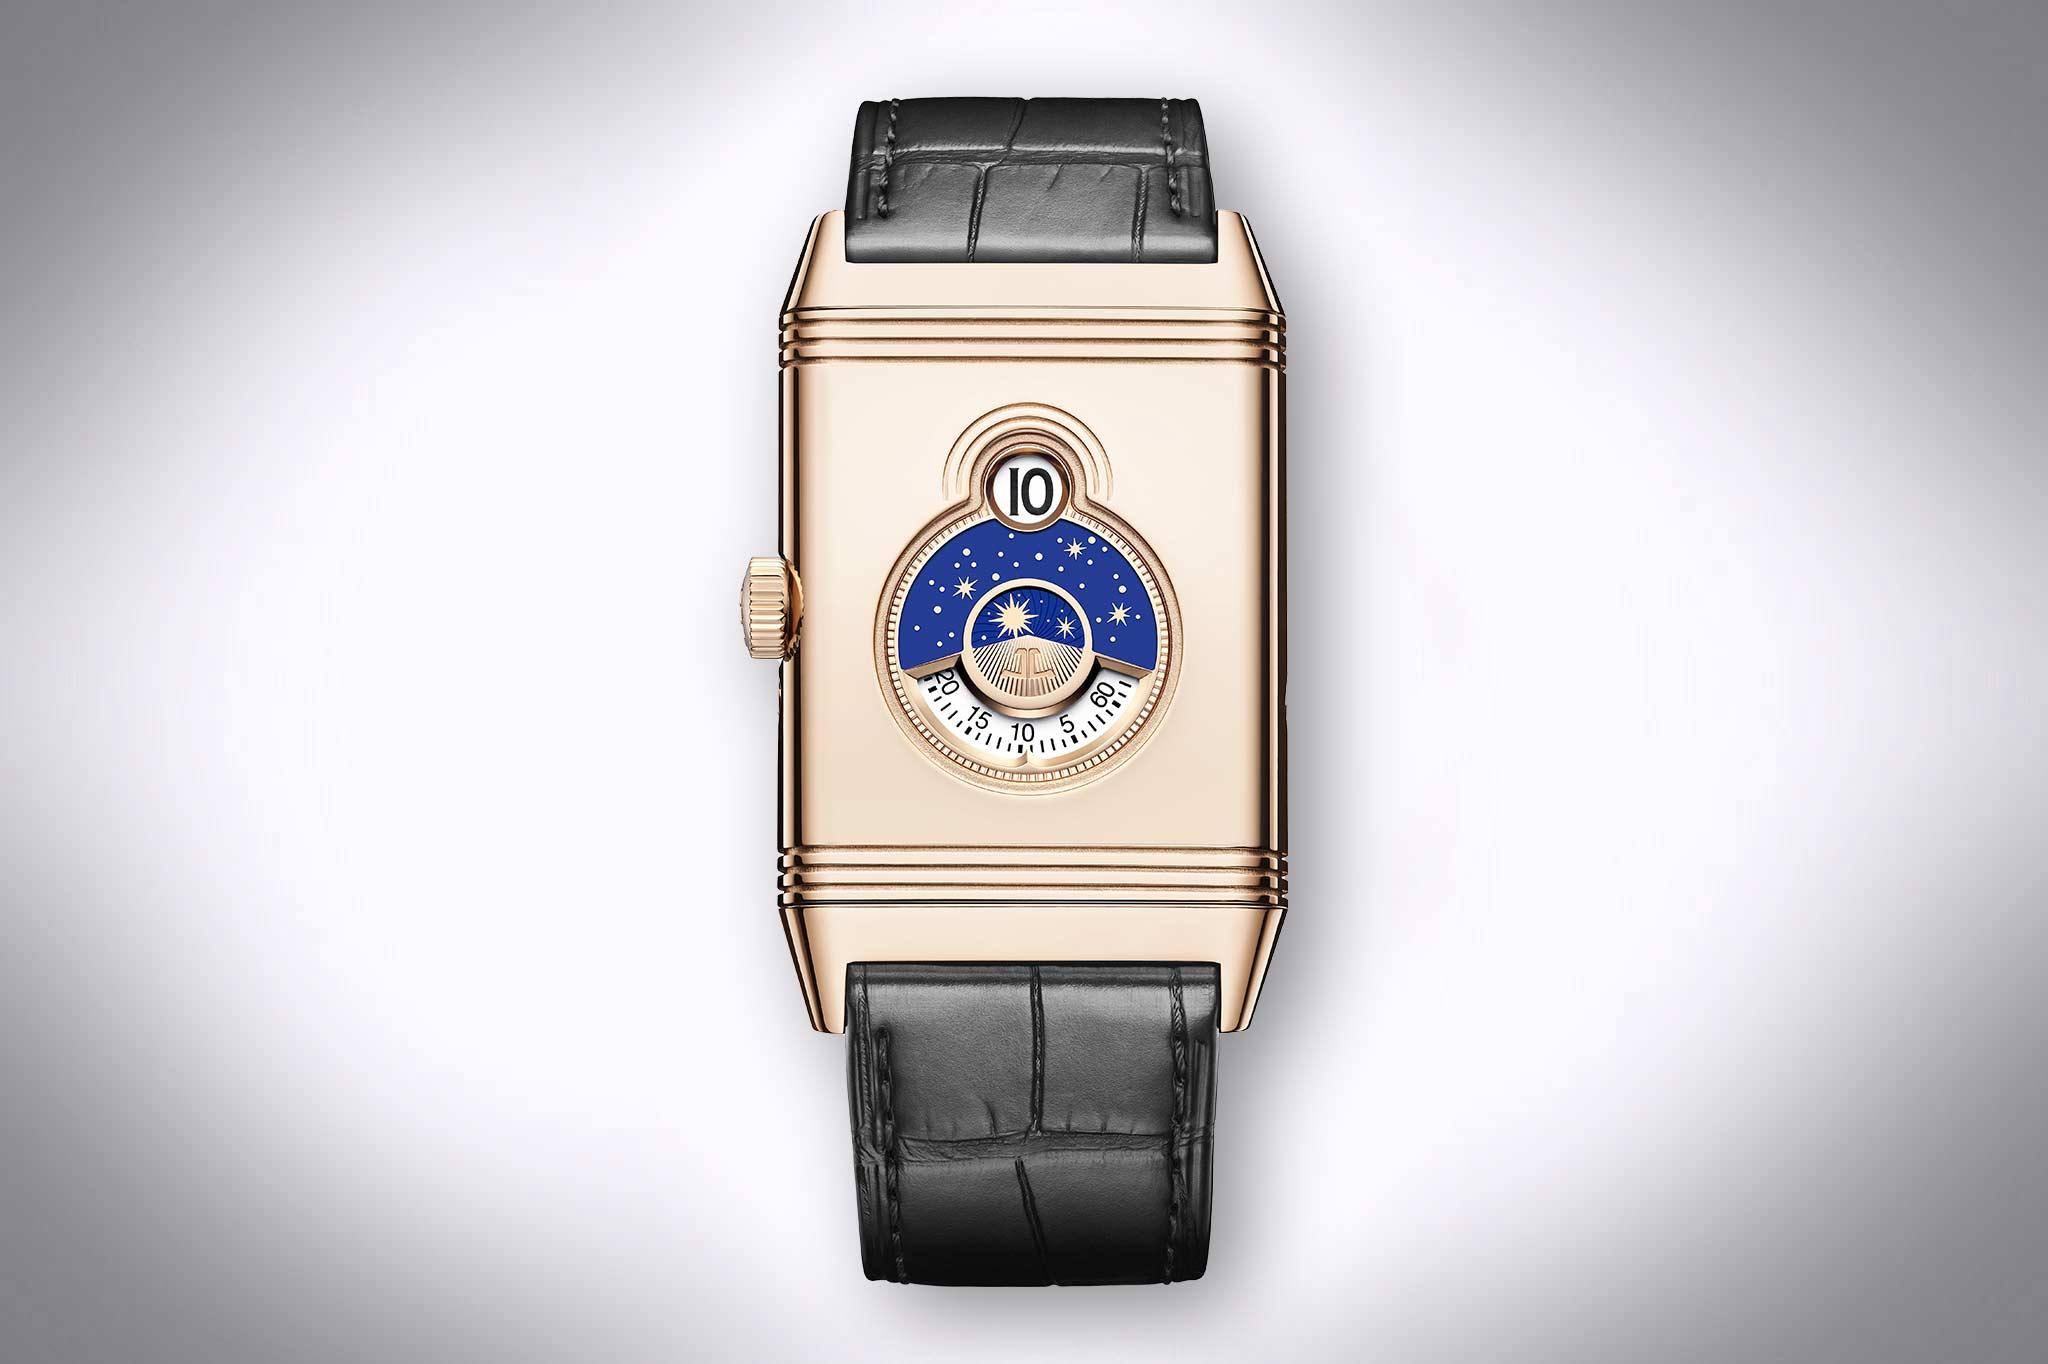 Jaeger LeCoultre Uhr als Wertanlage